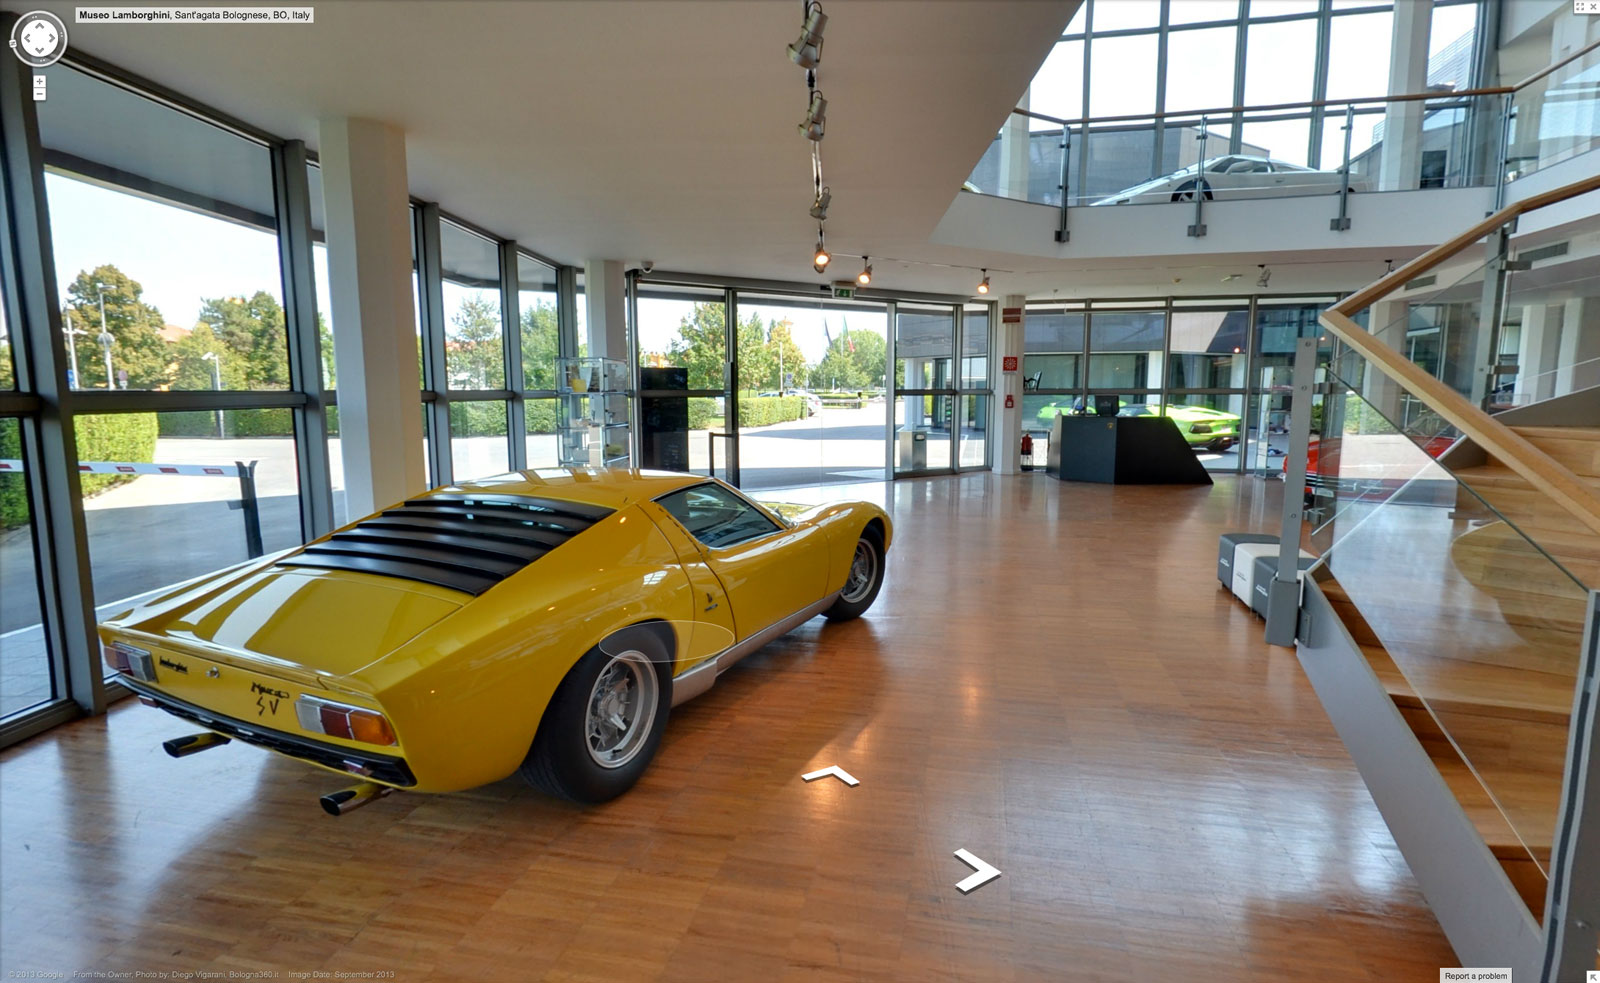 Lamborghini-Museum-Virtual-Tour